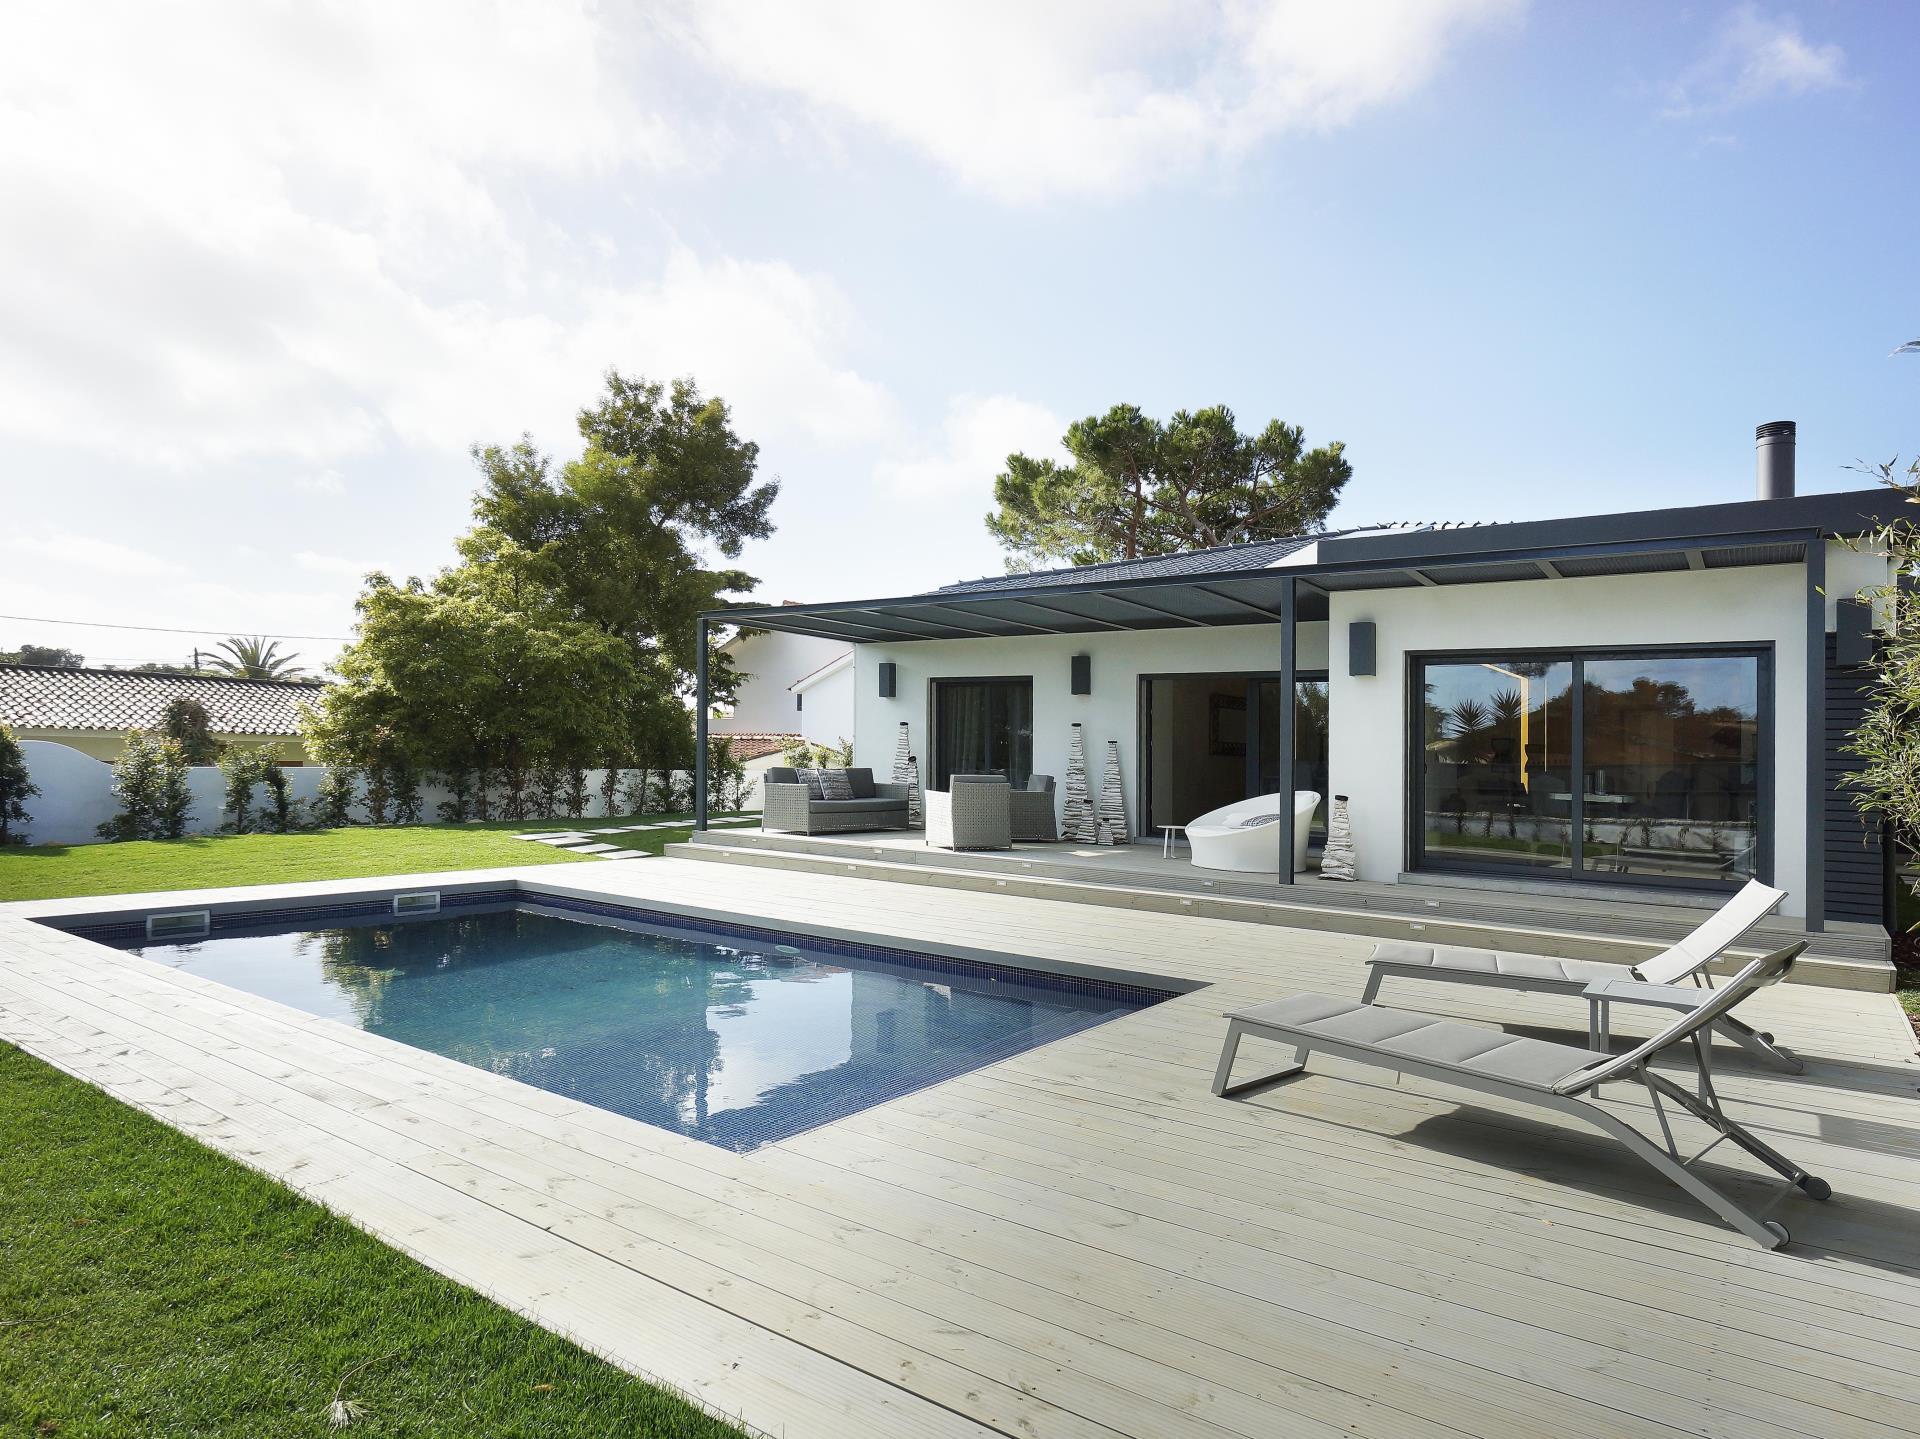 Maison unifamiliale pour l Vente à House, 4 bedrooms, for Sale Birre, Cascais, Lisbonne Portugal